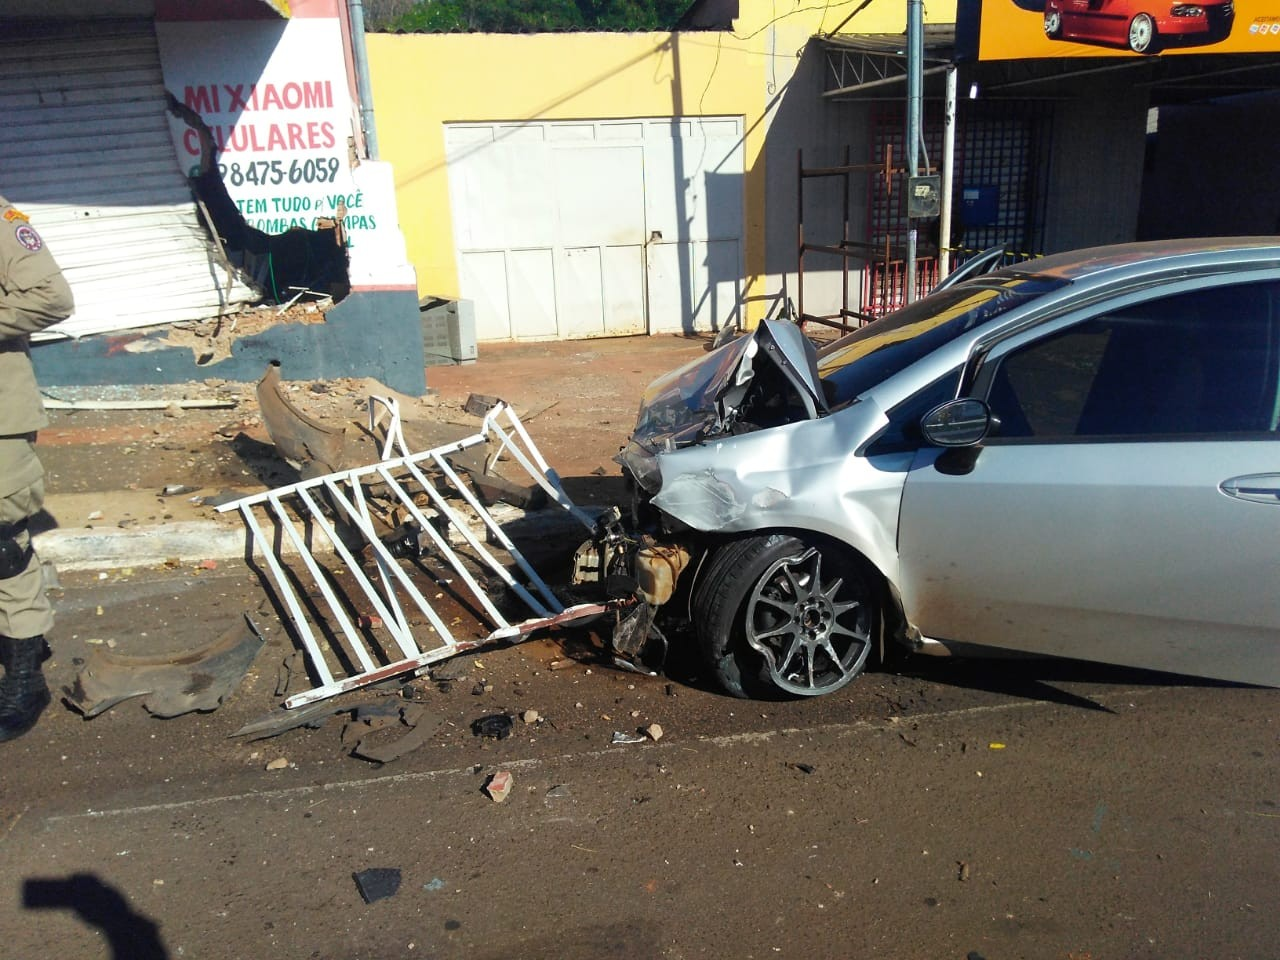 Motorista fica ferido após perder controle de carro e bater em loja de celulares em MS